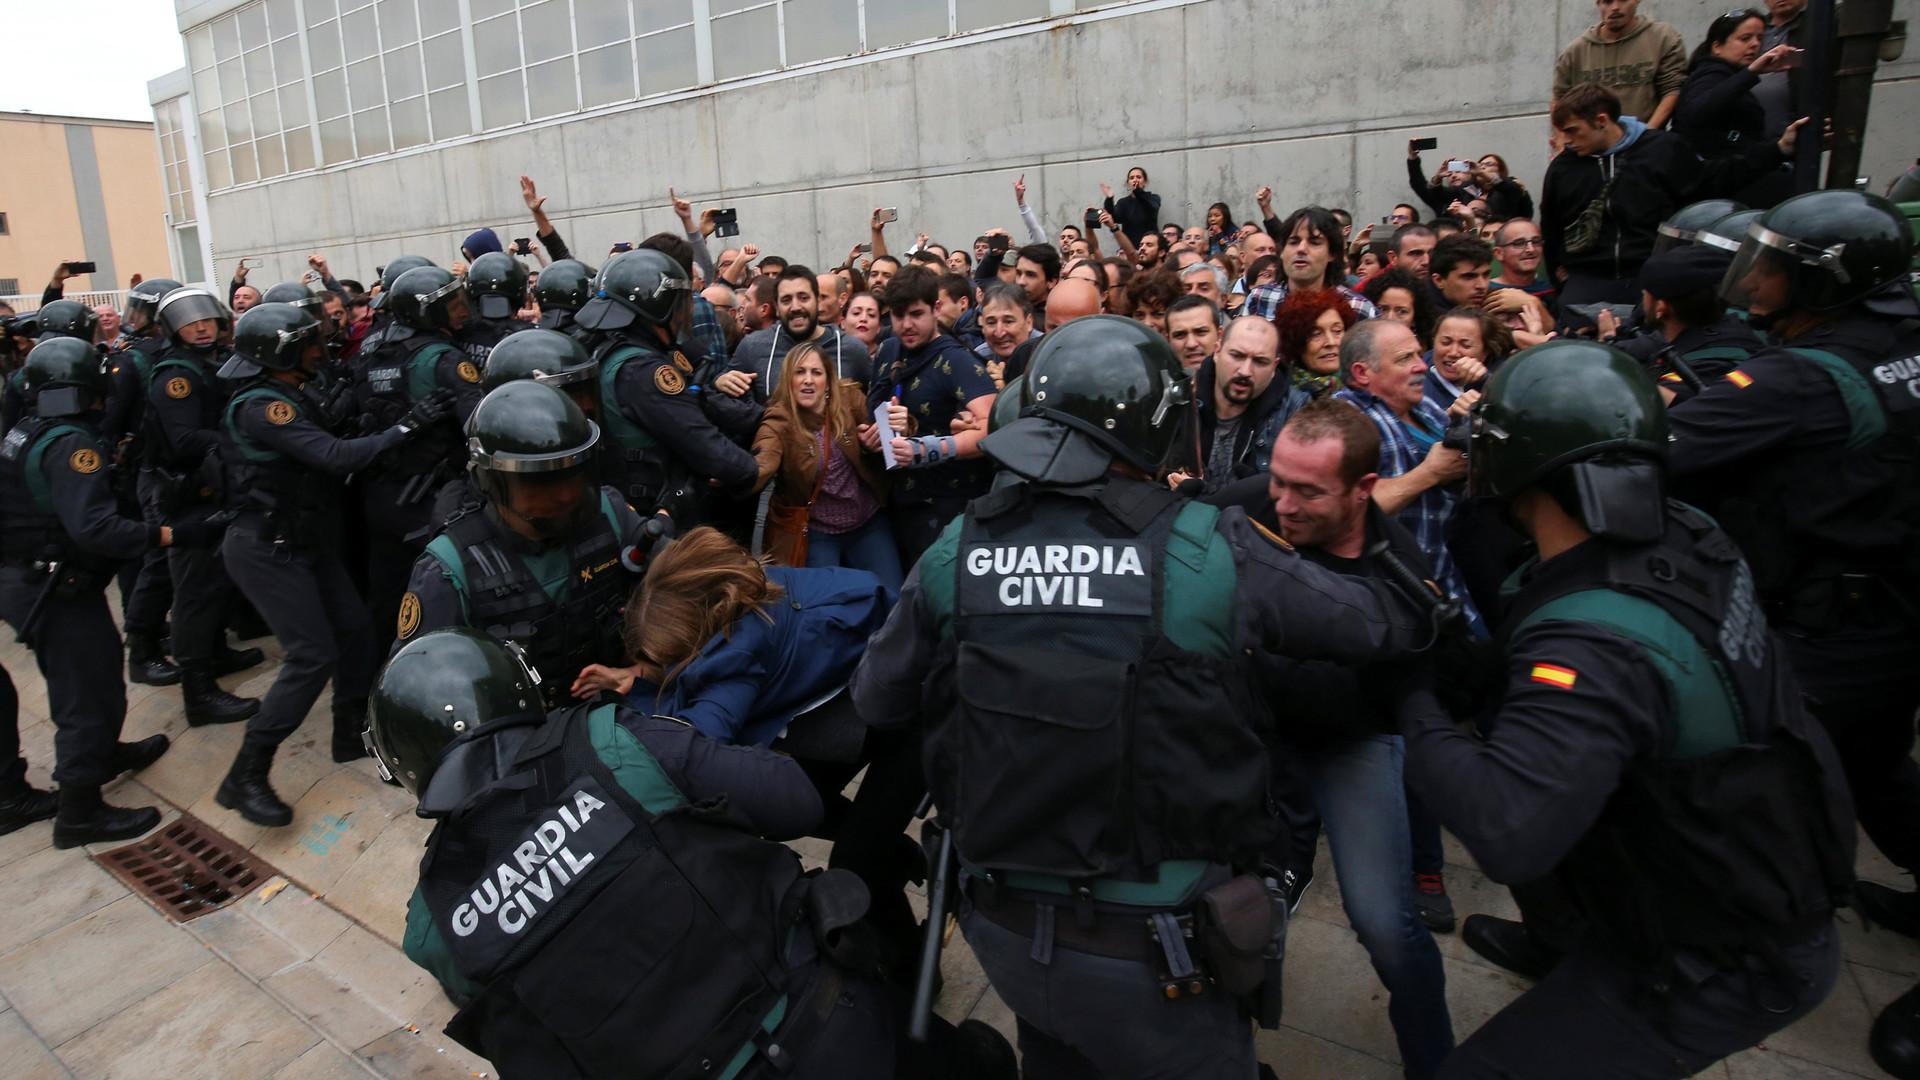 «Репрессии и насилие государства»: власти Каталонии сообщили о 337 пострадавших в столкновениях с полицией